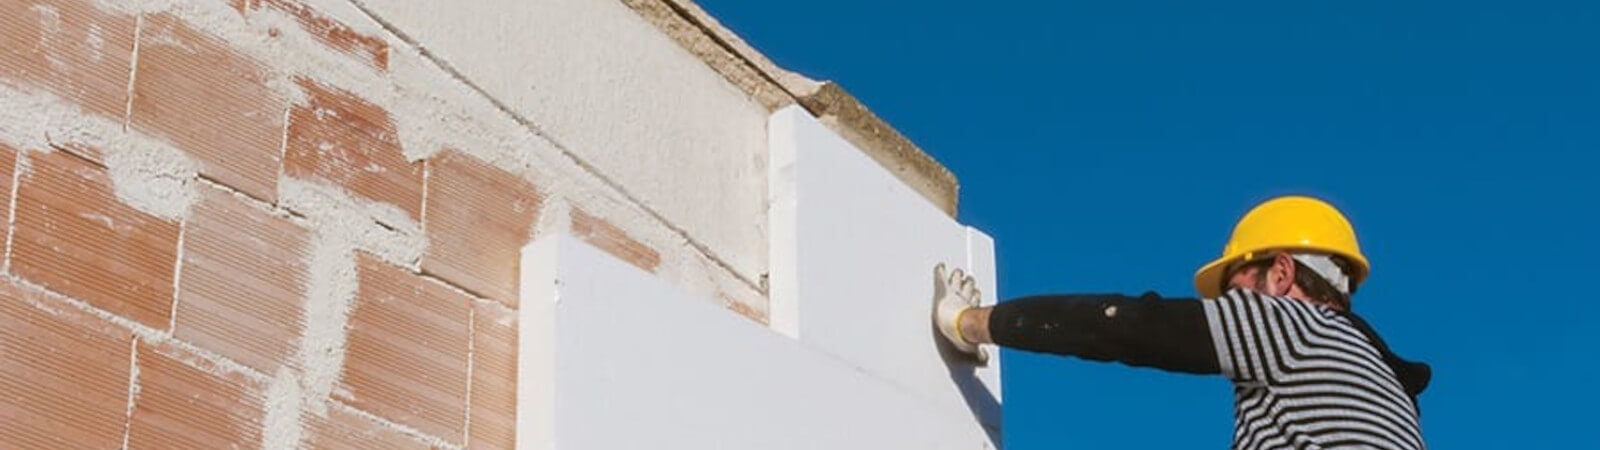 Як утеплювати стіни пінопластом: корисні поради